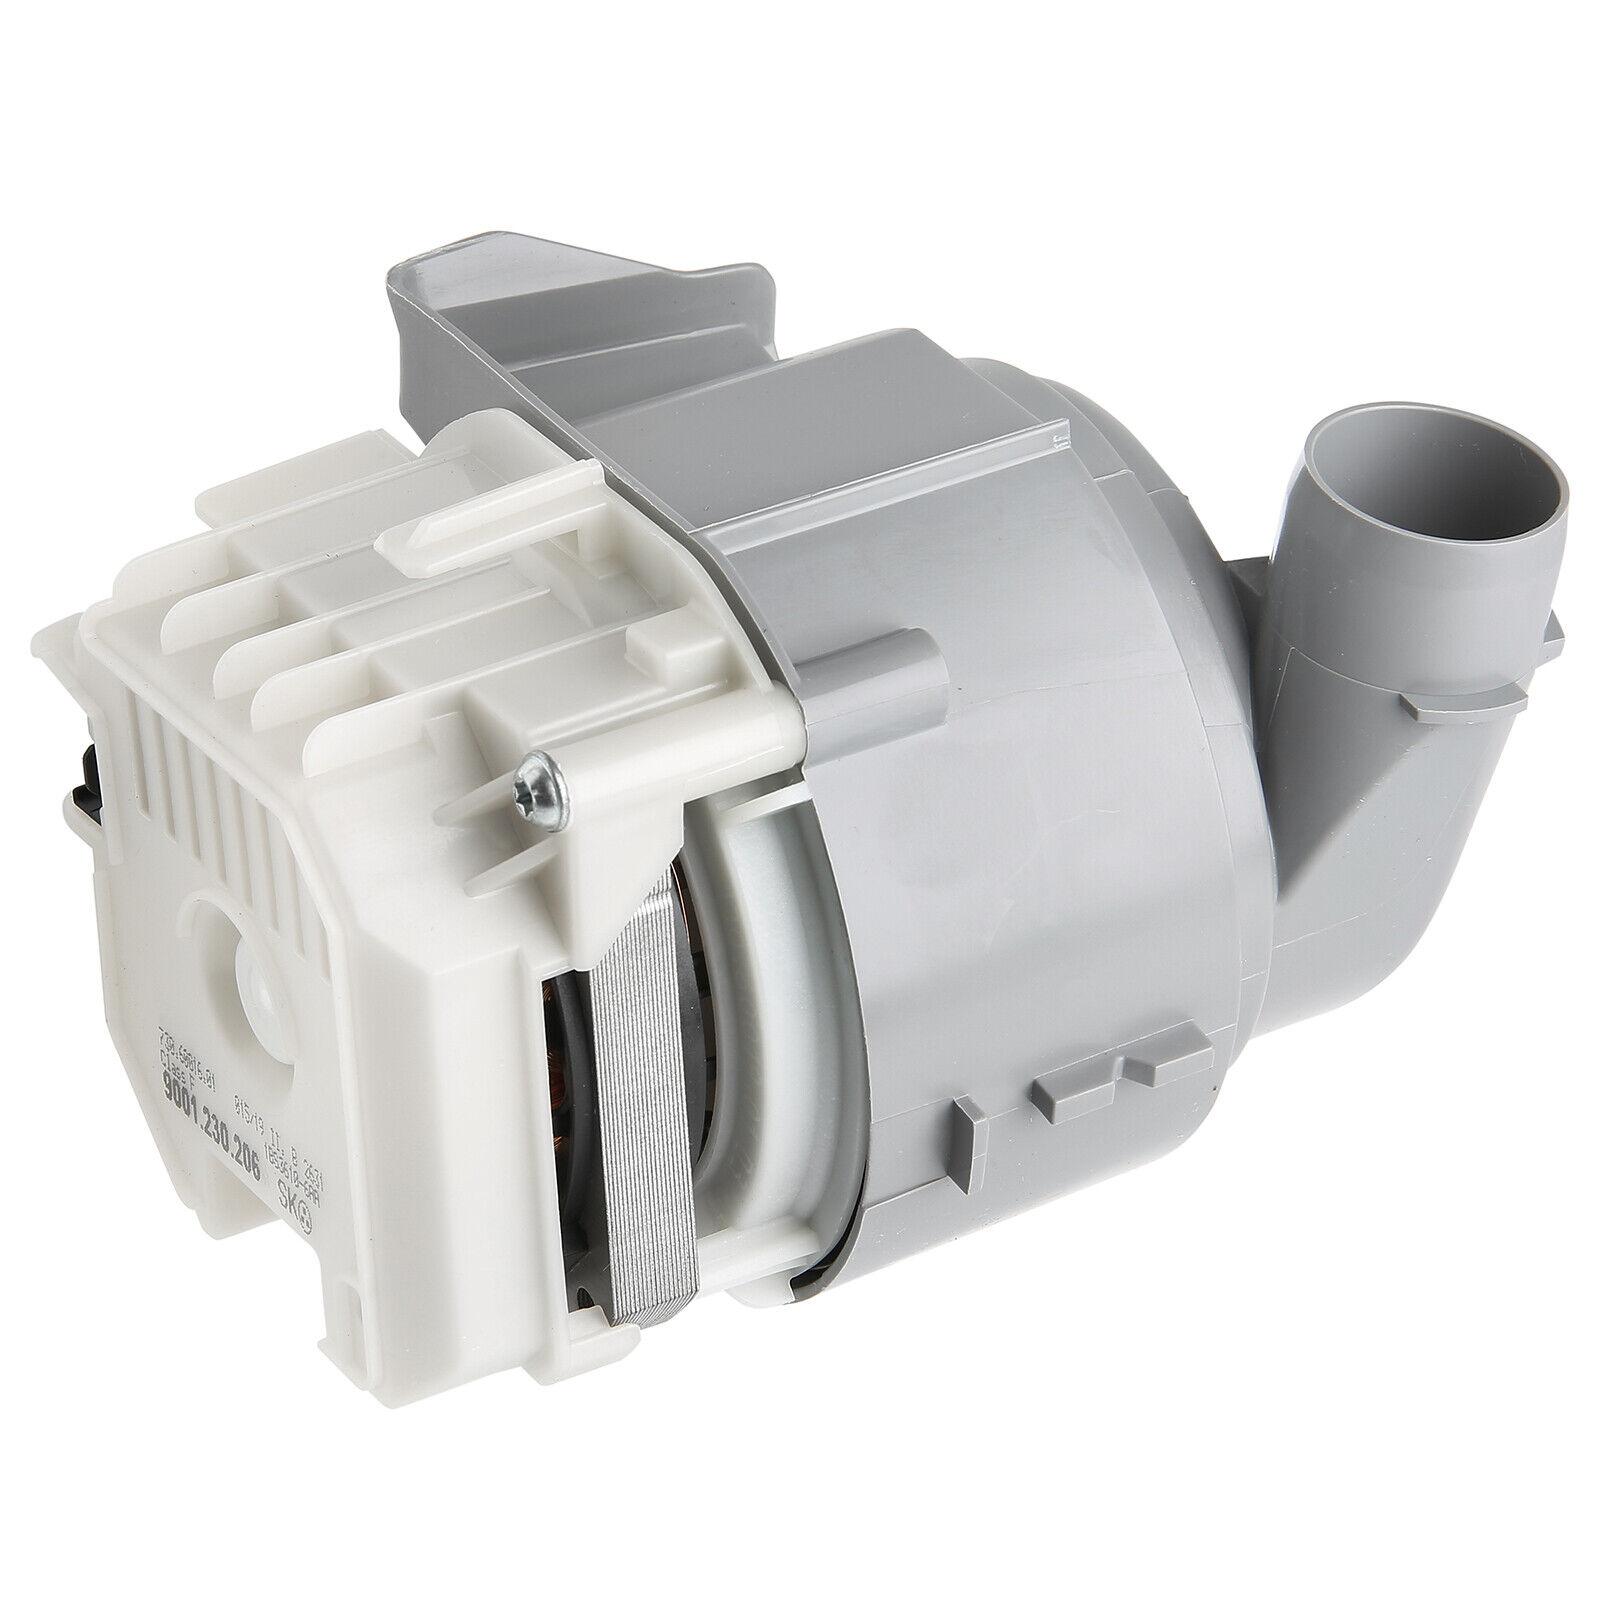 Circulation heating pump flow heater heat dishwasher for Bosch Siemens 12019637